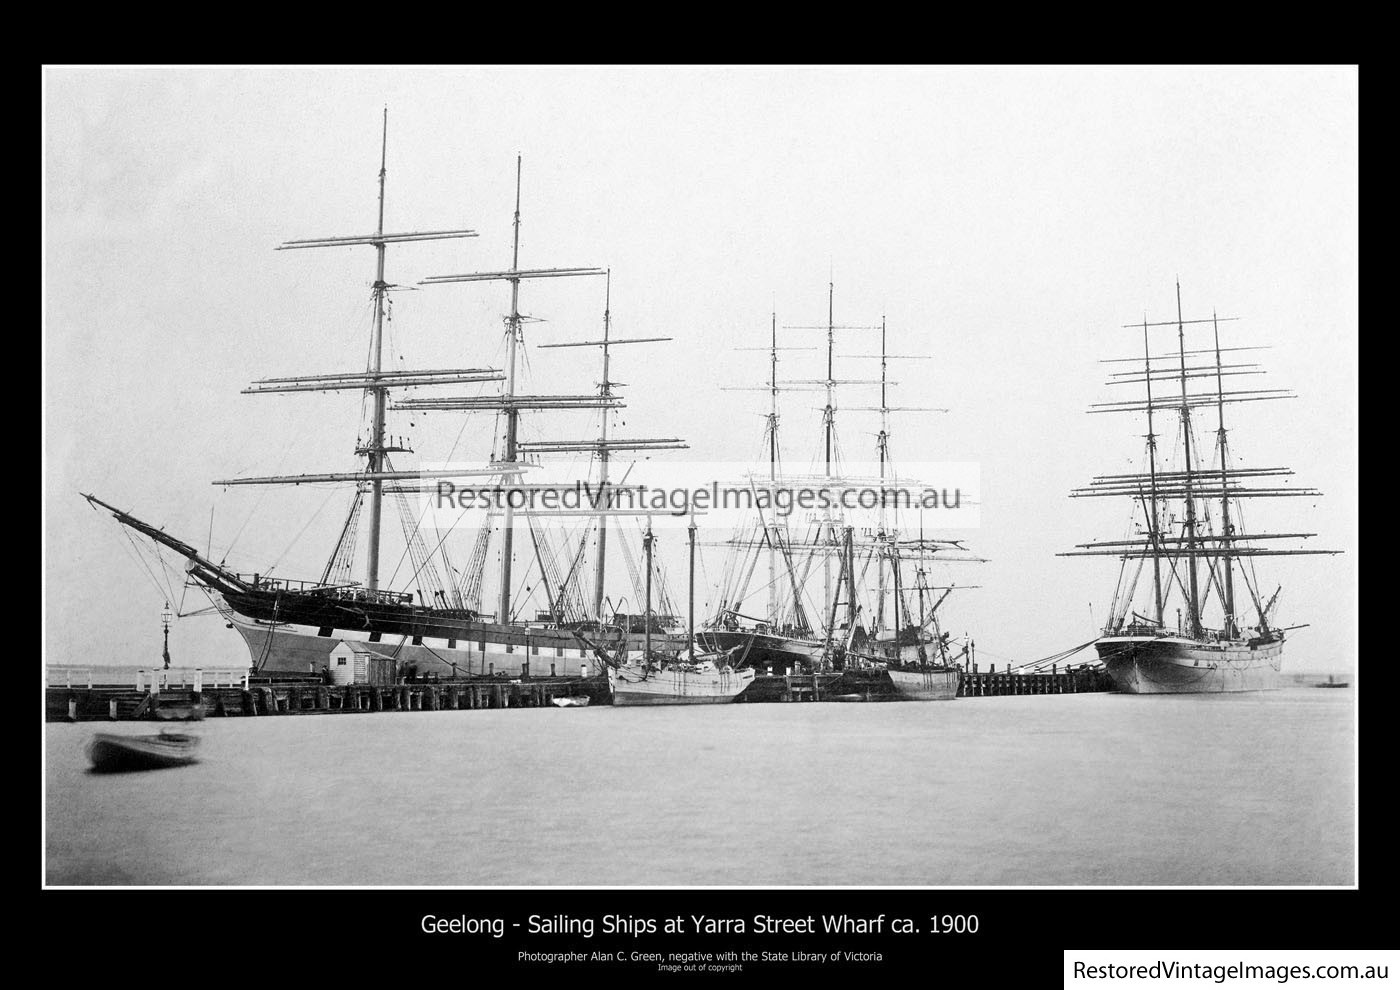 Geelong Sailing Ships 1900